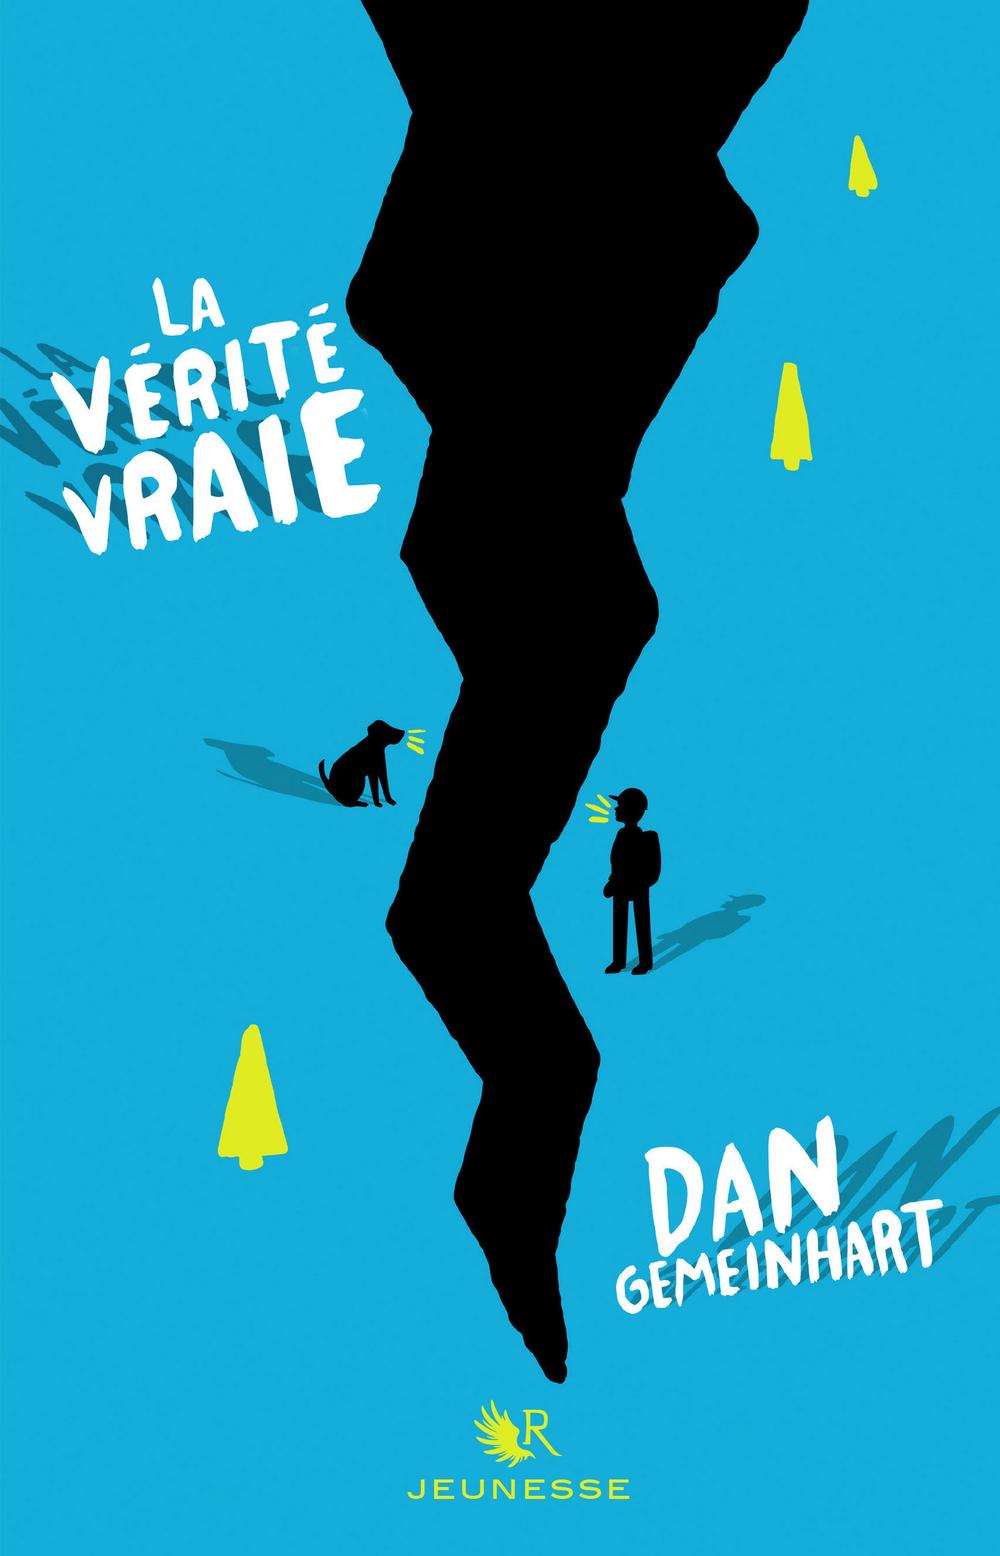 La Vérité vraie | GEMEINHART, Dan